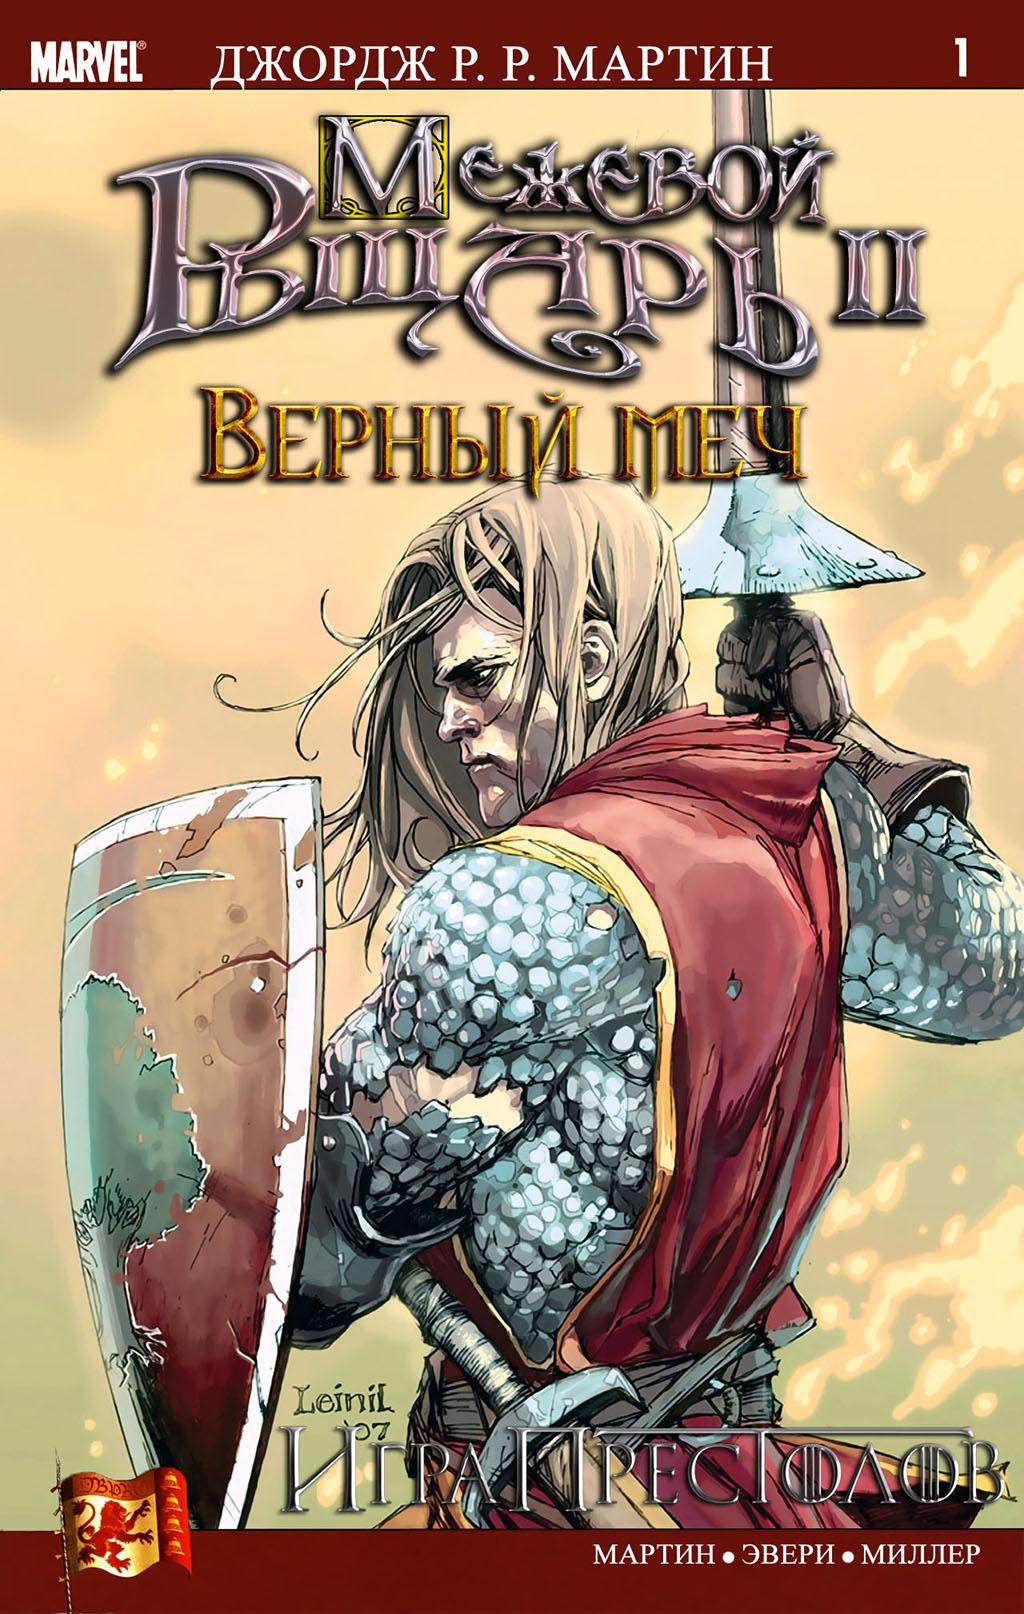 Комикс Игра Престолов: Межевой Рыцарь II: Верный Меч